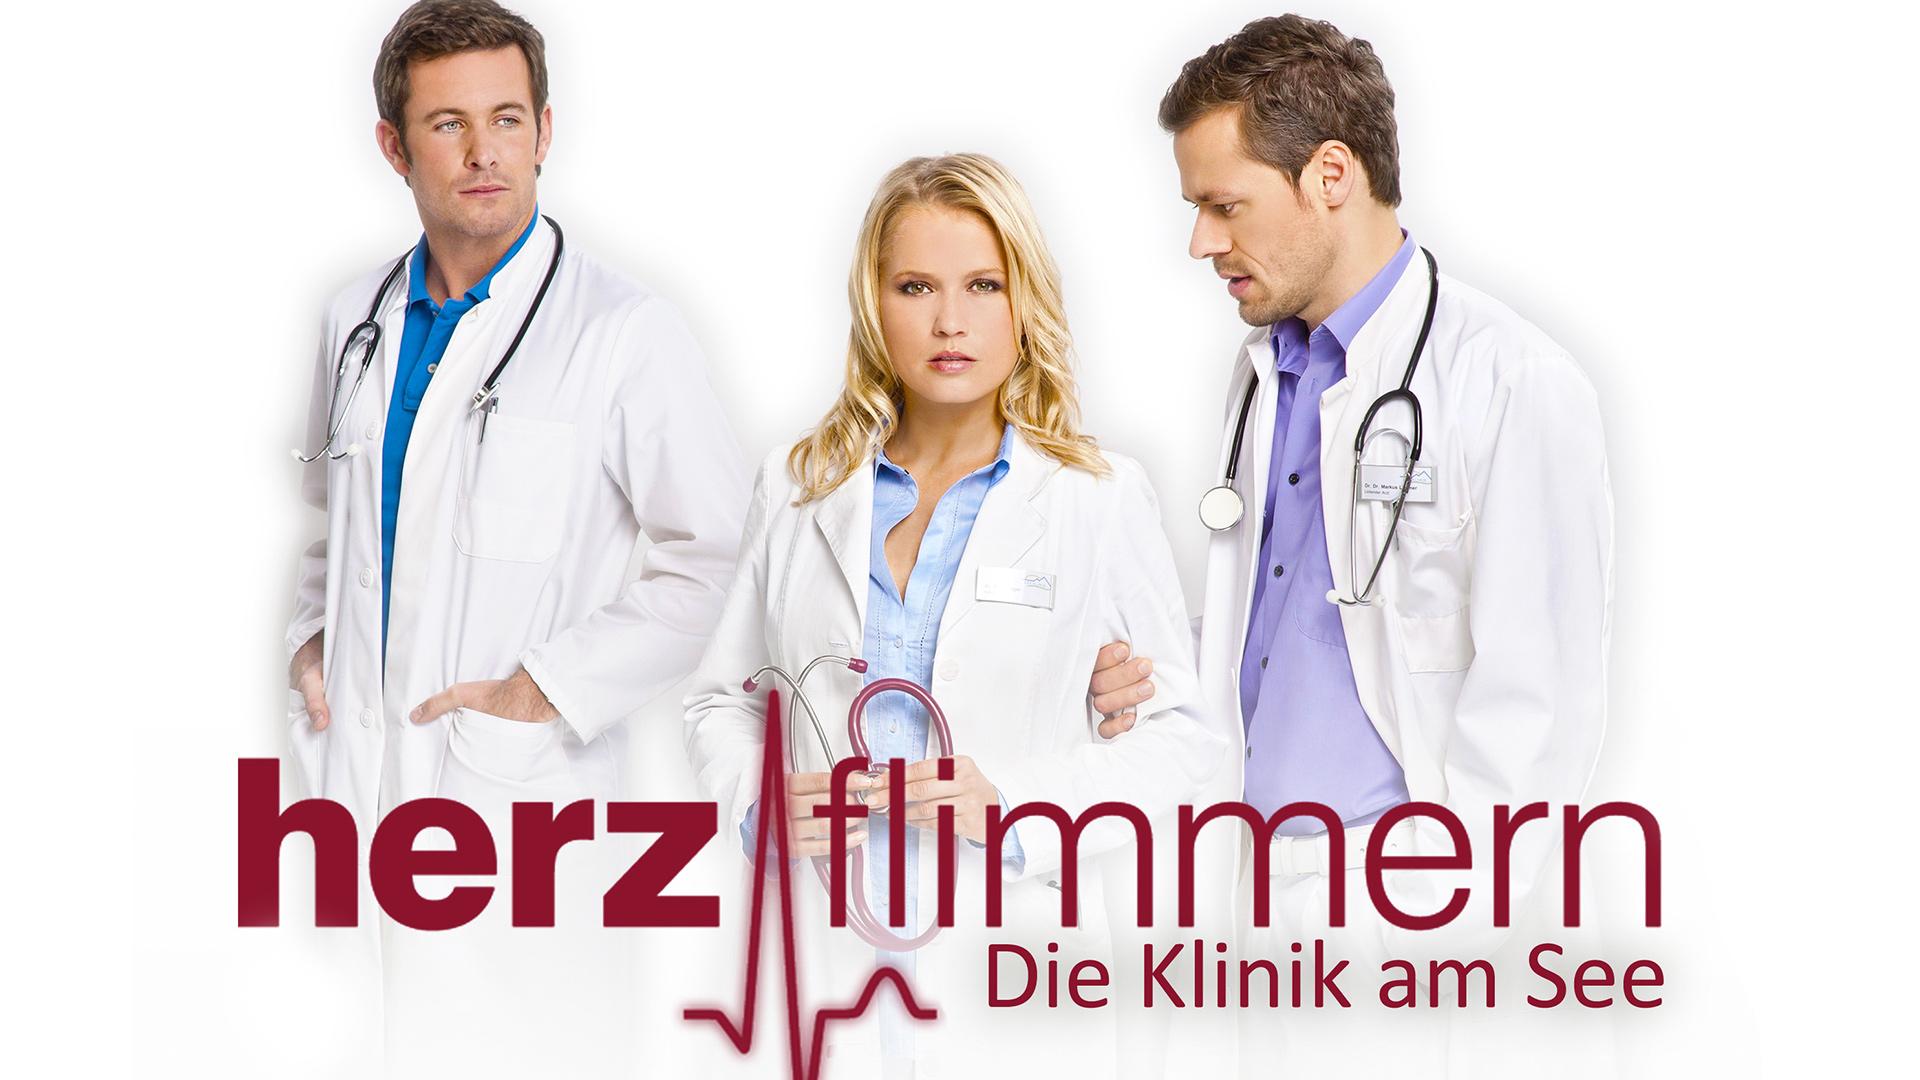 Herzflimmern - Staffel 1